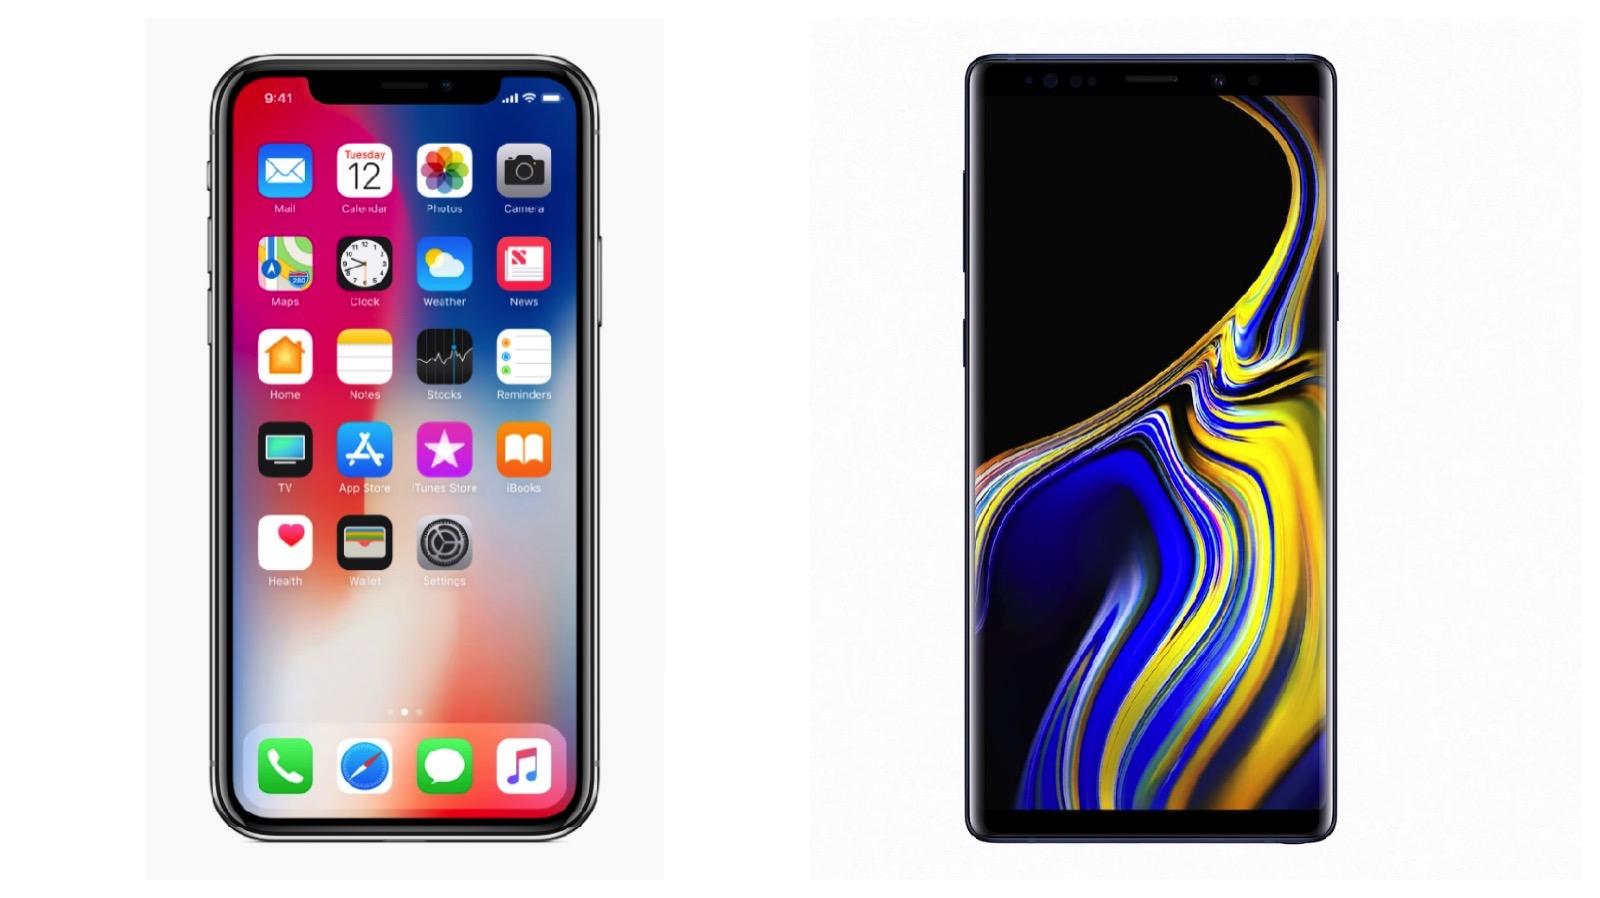 Iphonex vs galaxynote9